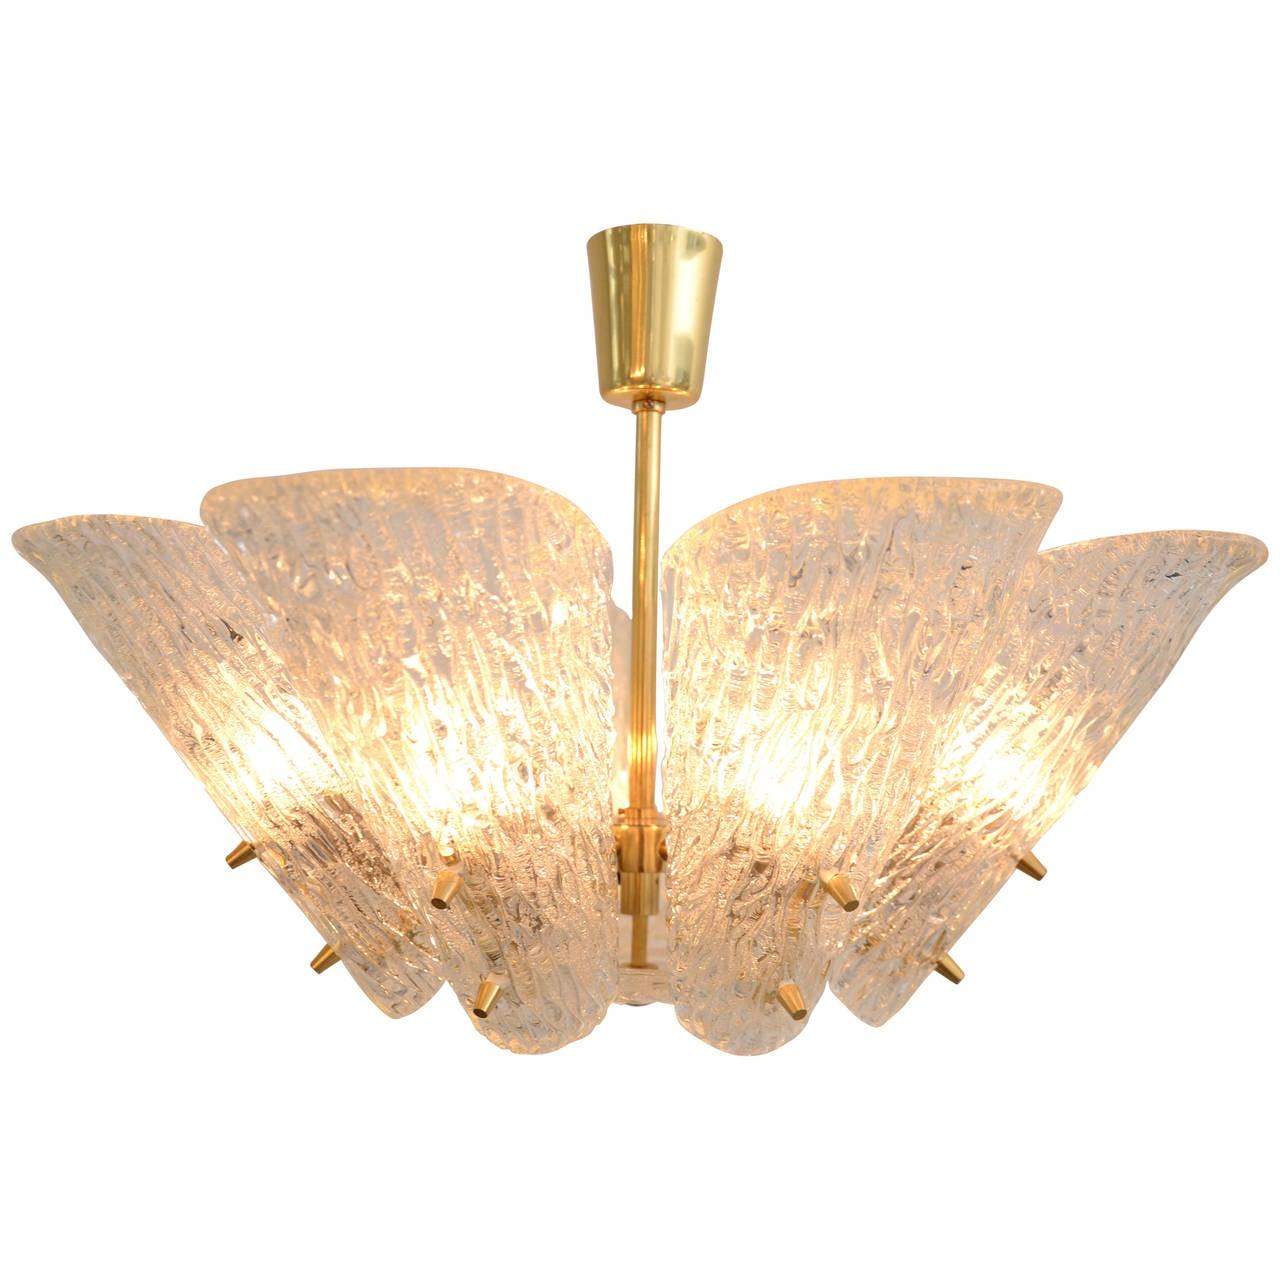 Kalmar Vienna Brass Chandelier with White Textured Glass Lamp Shades For Sale